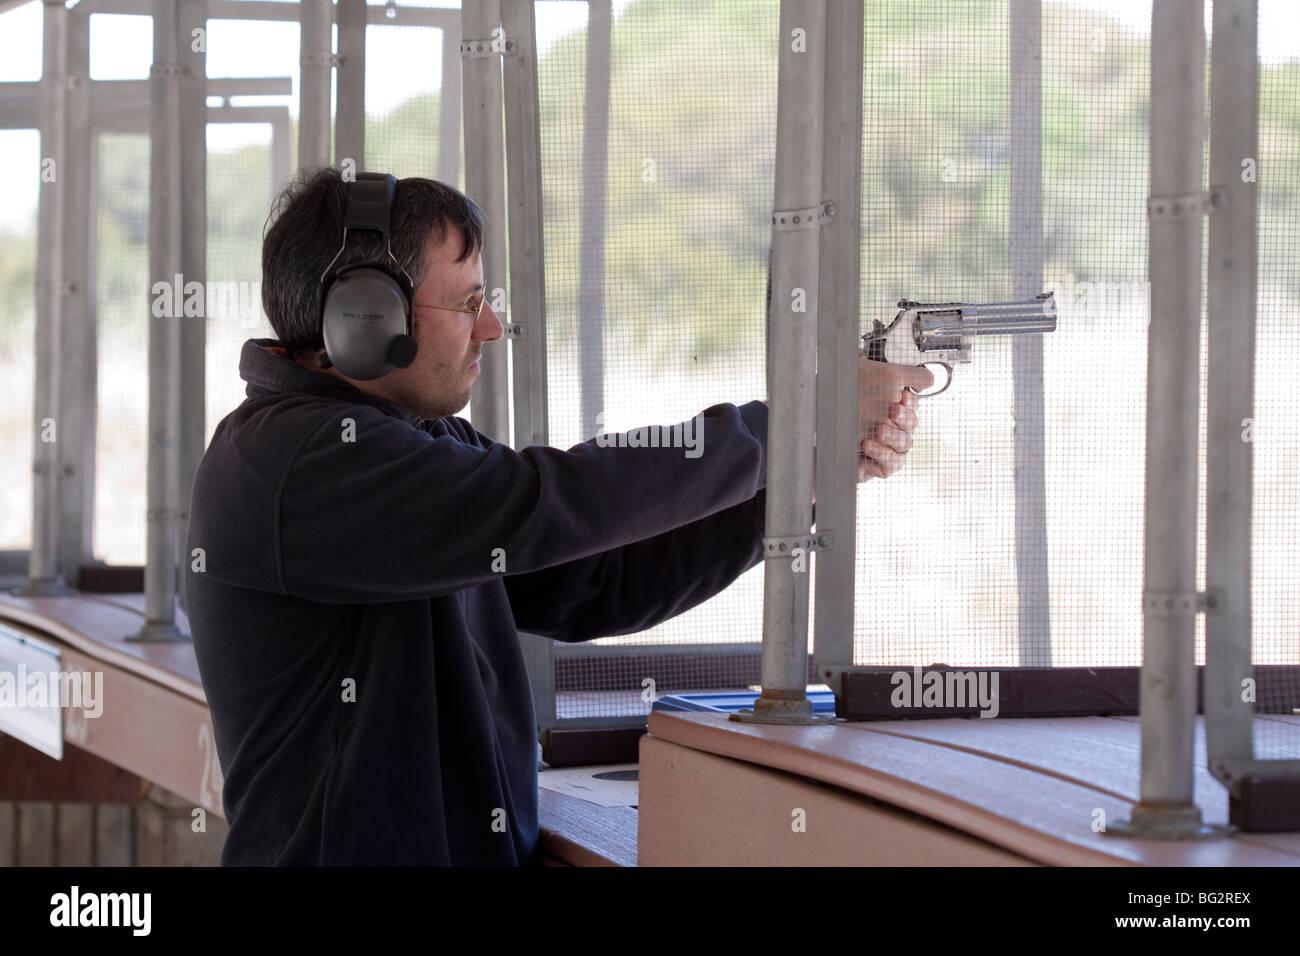 Prise de l'homme 686 revolver à Los Altos Club de chasse et de tir en plein air Photo Stock